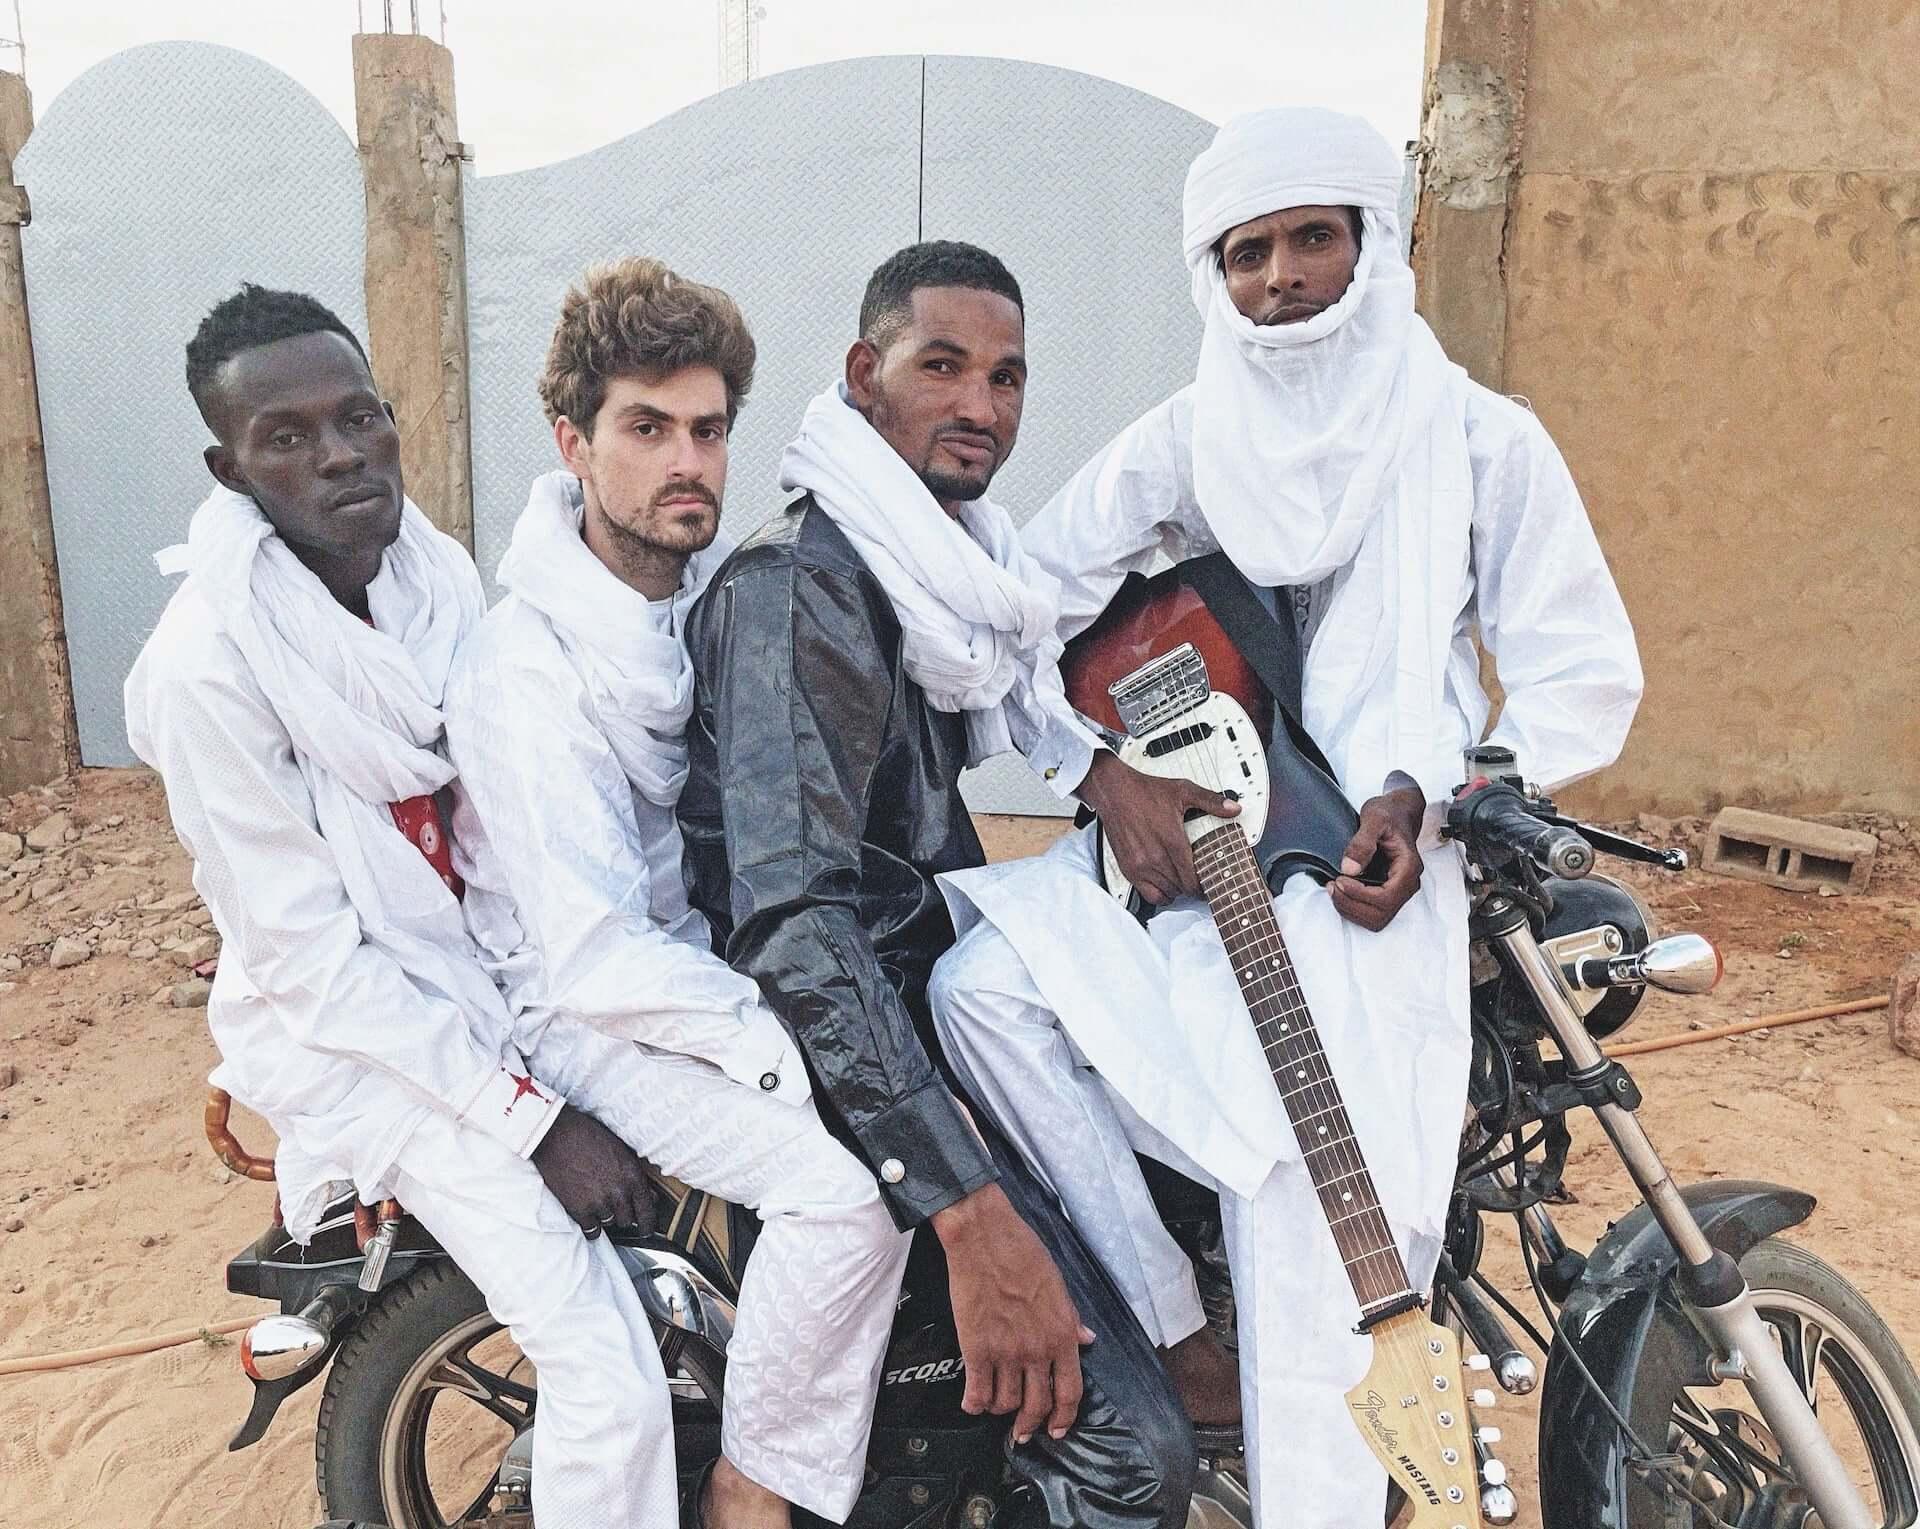 """砂漠のジミヘンことMdou Moctar、〈Matador〉からのデビュー作『Afrique Victime』より新曲""""Tala Tannam""""MVを解禁! music210303_mdou-moctar_1-1920x1529"""